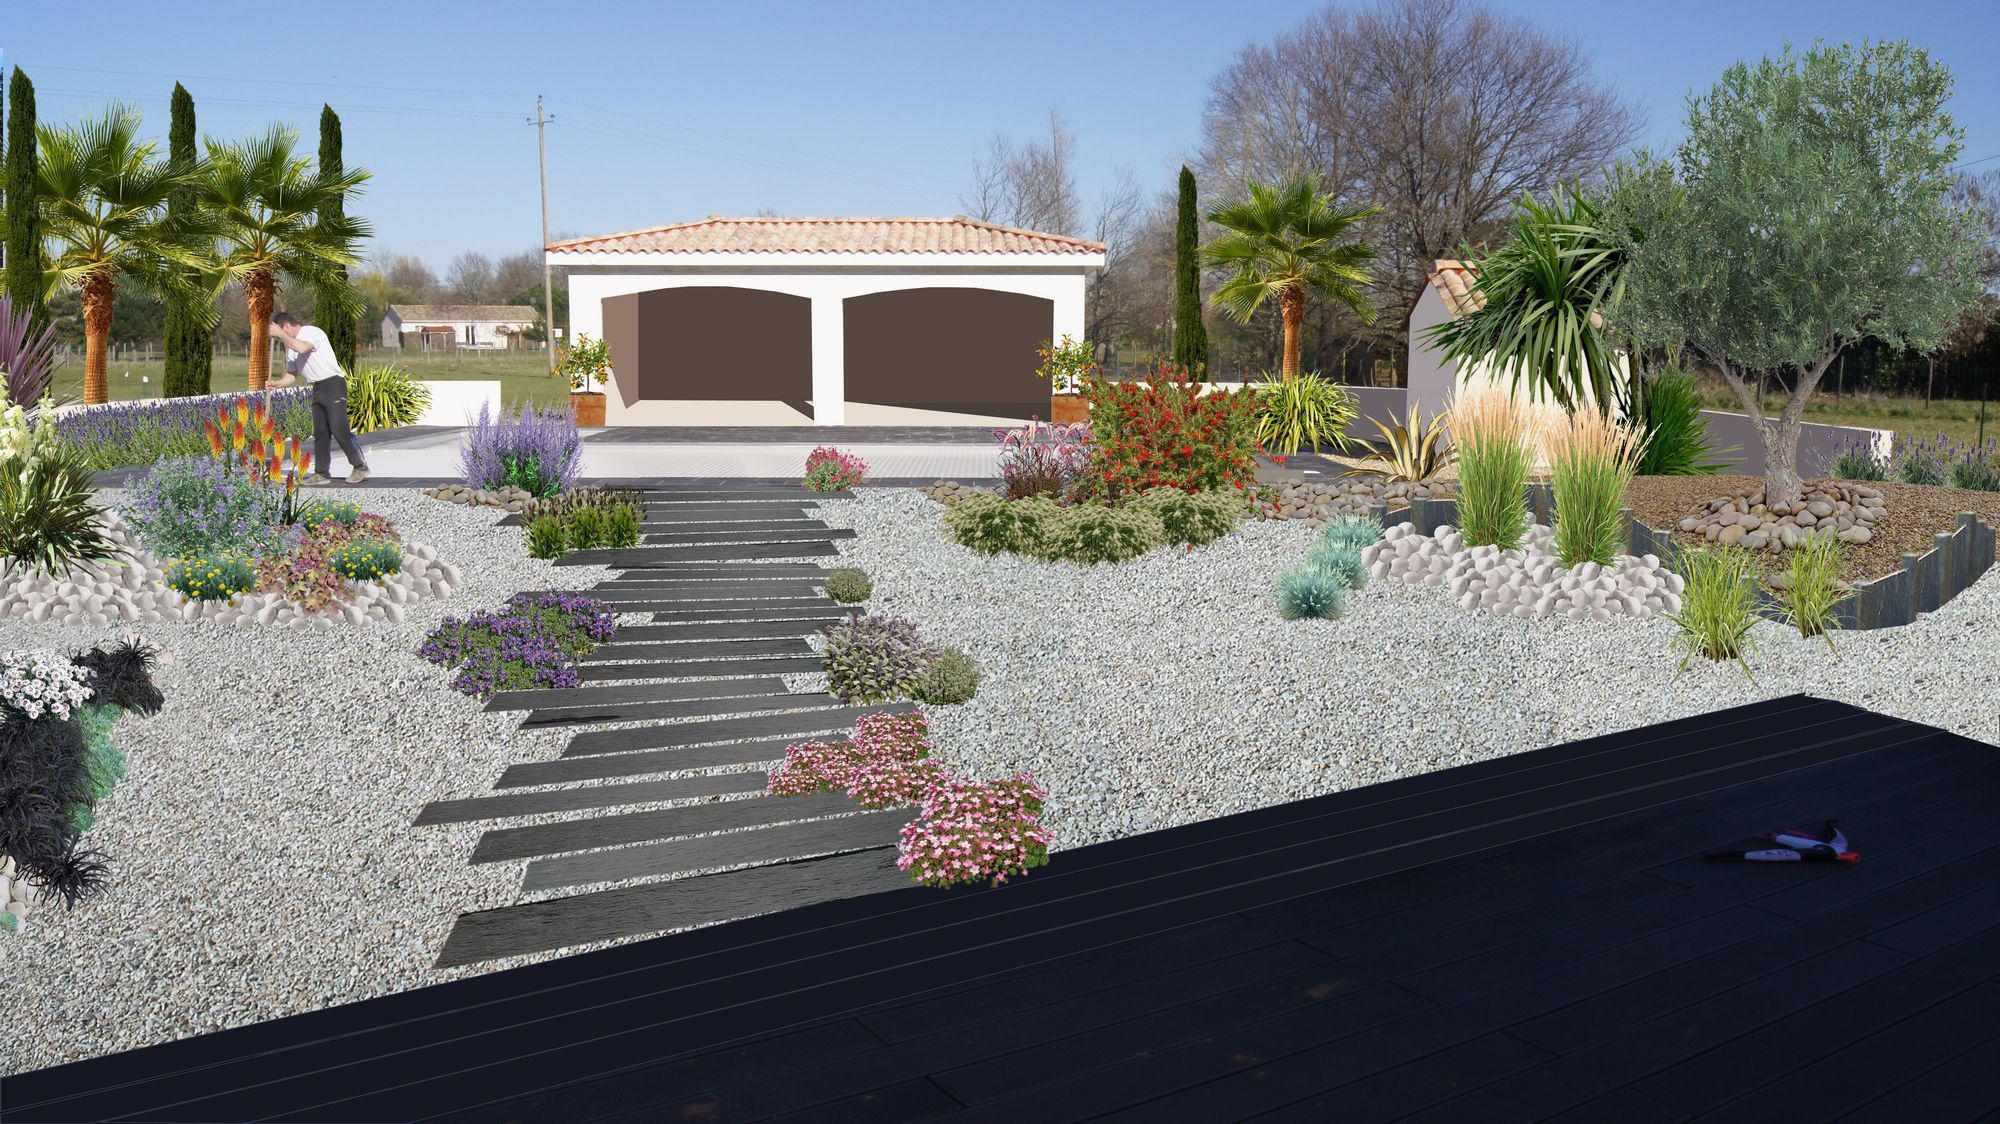 Idee Amenagement Tour De Piscine faire un jardin autour d'une piscine, planter les abords d